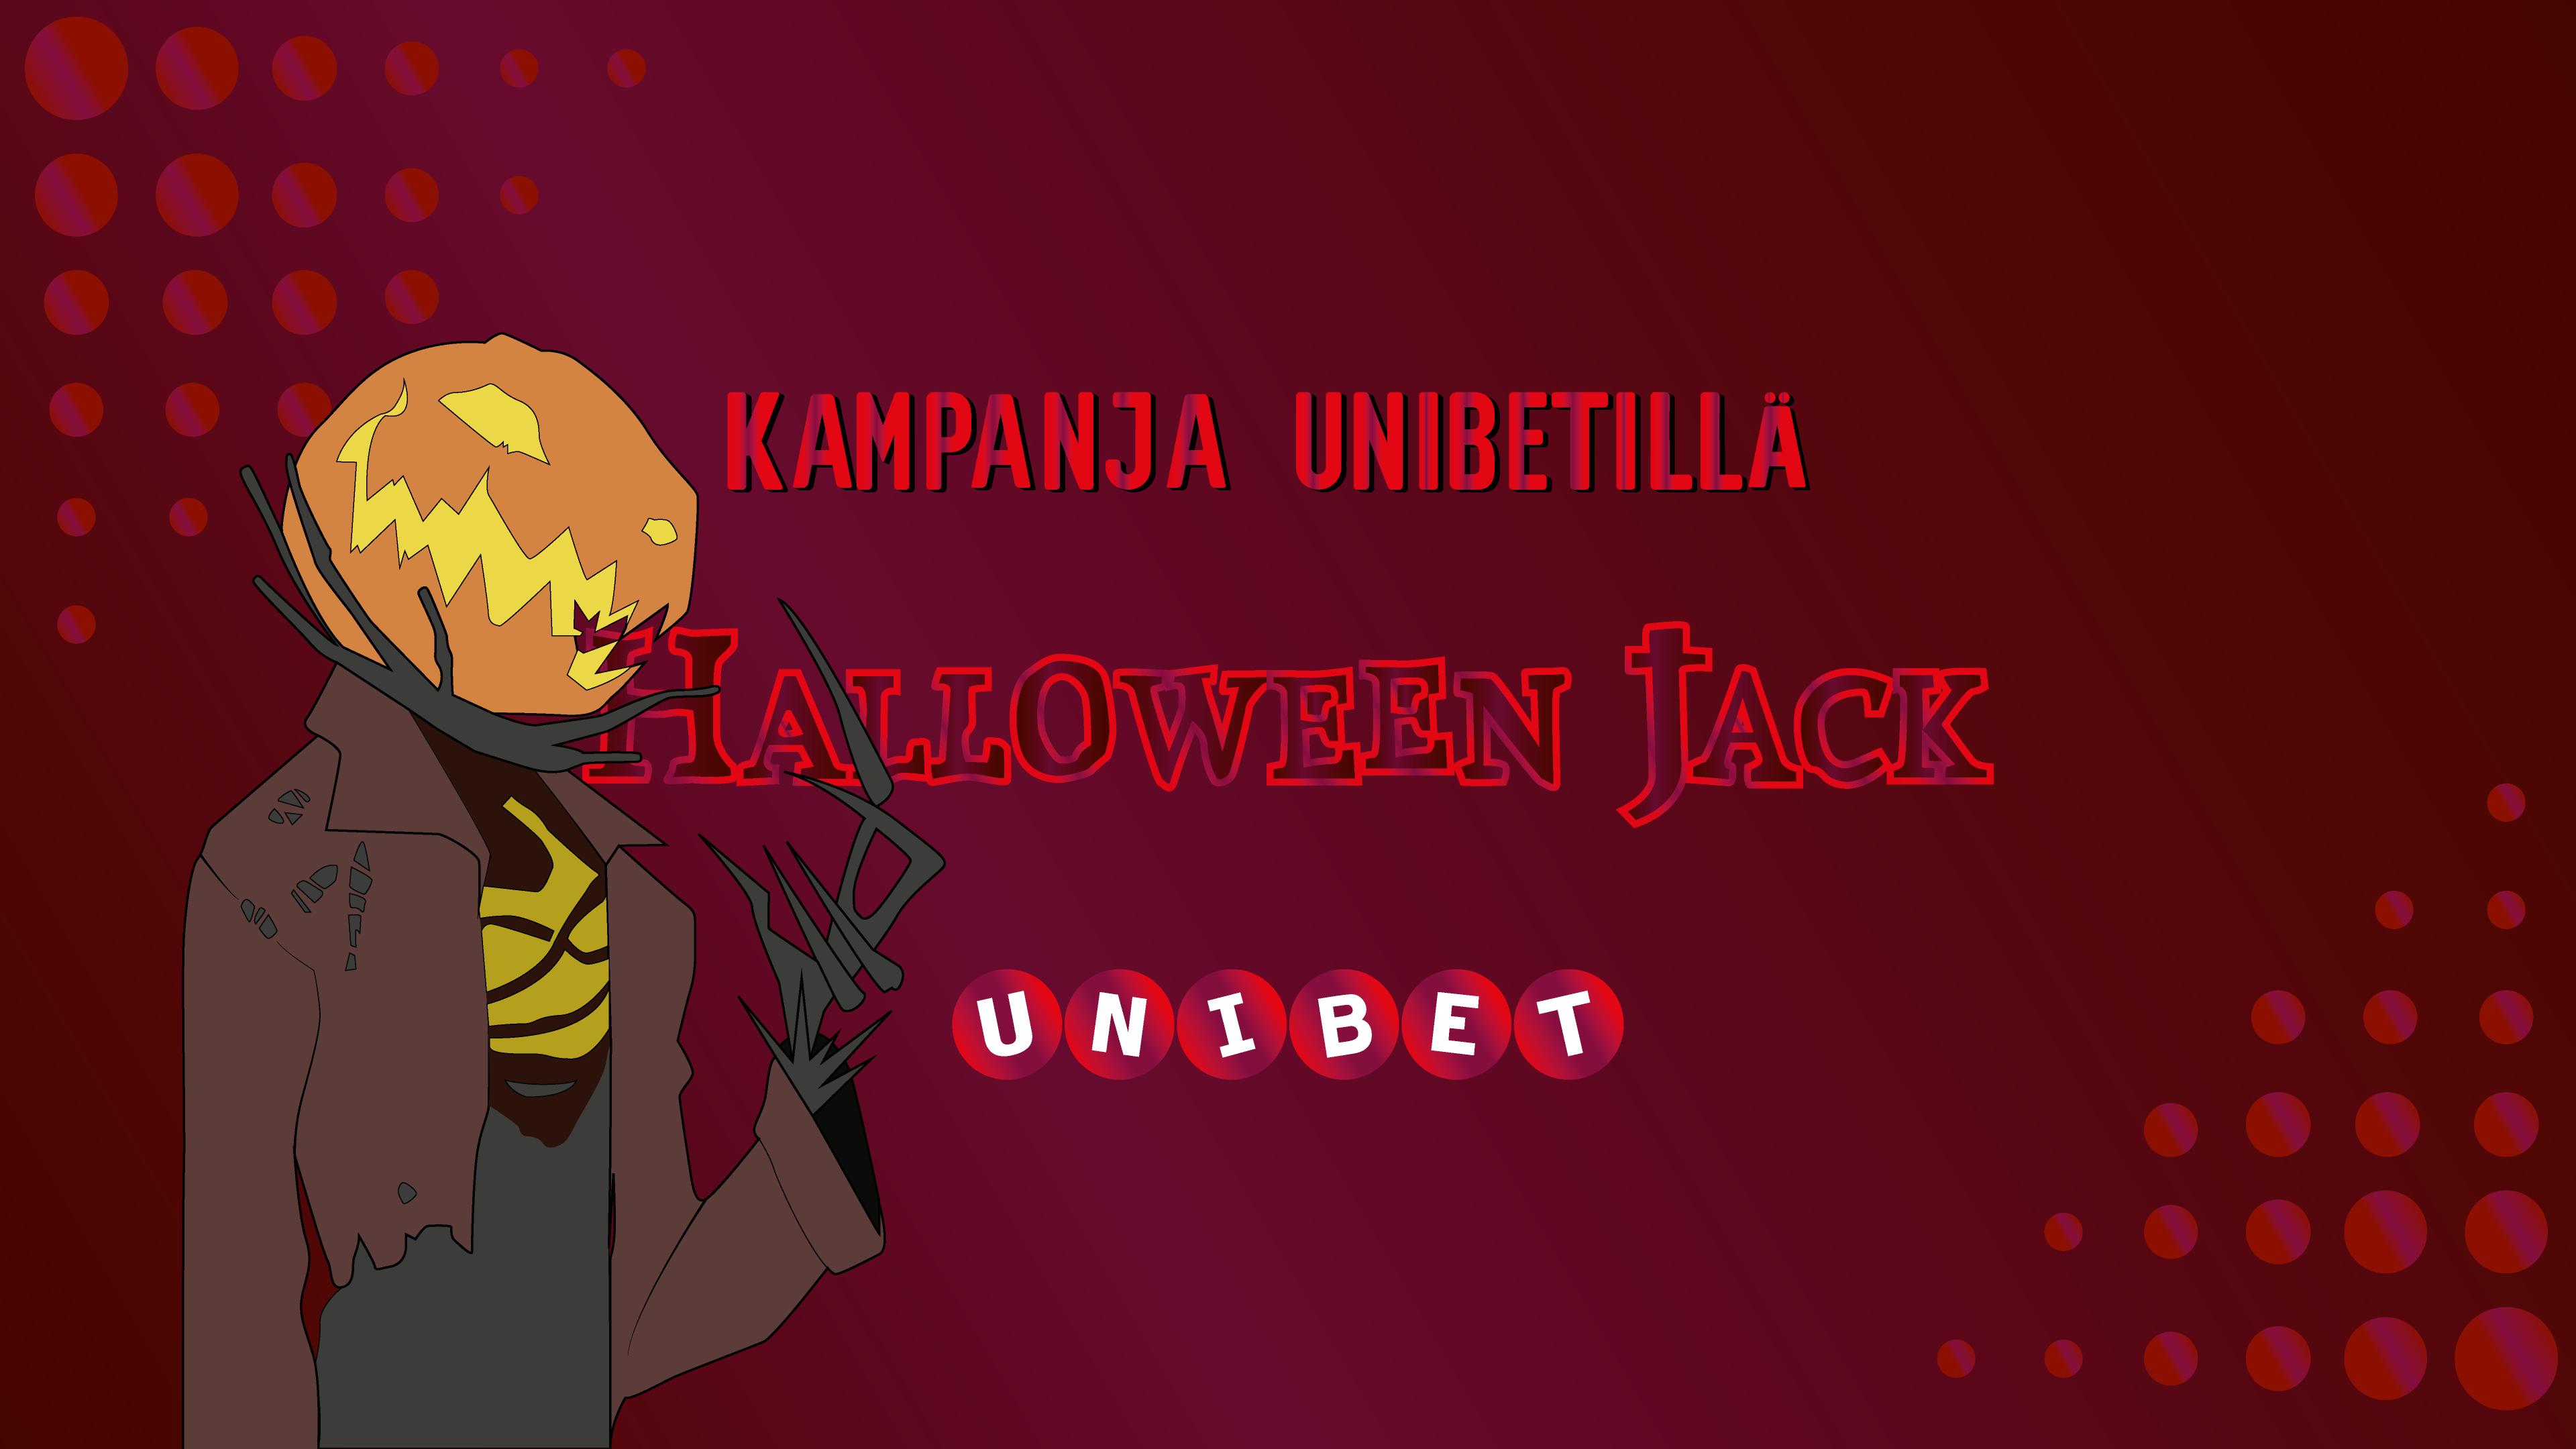 Unibetin Halloween kampanjat